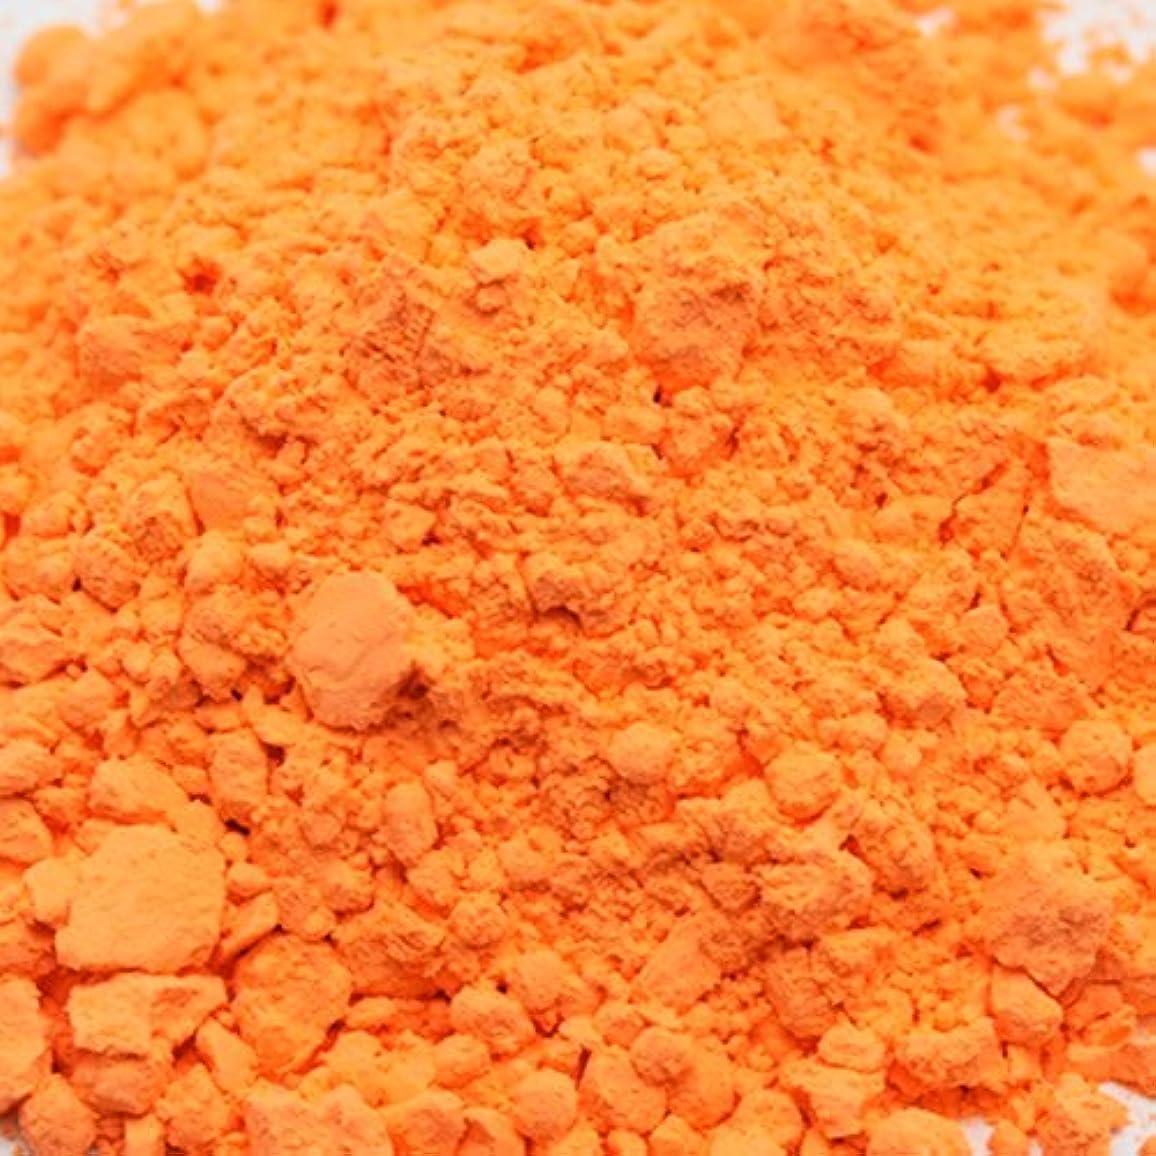 効率うまくいけば革命的キャンディカラー オレンジ 5g 【手作り石鹸/手作りコスメ/色付け/カラーラント/オレンジ】